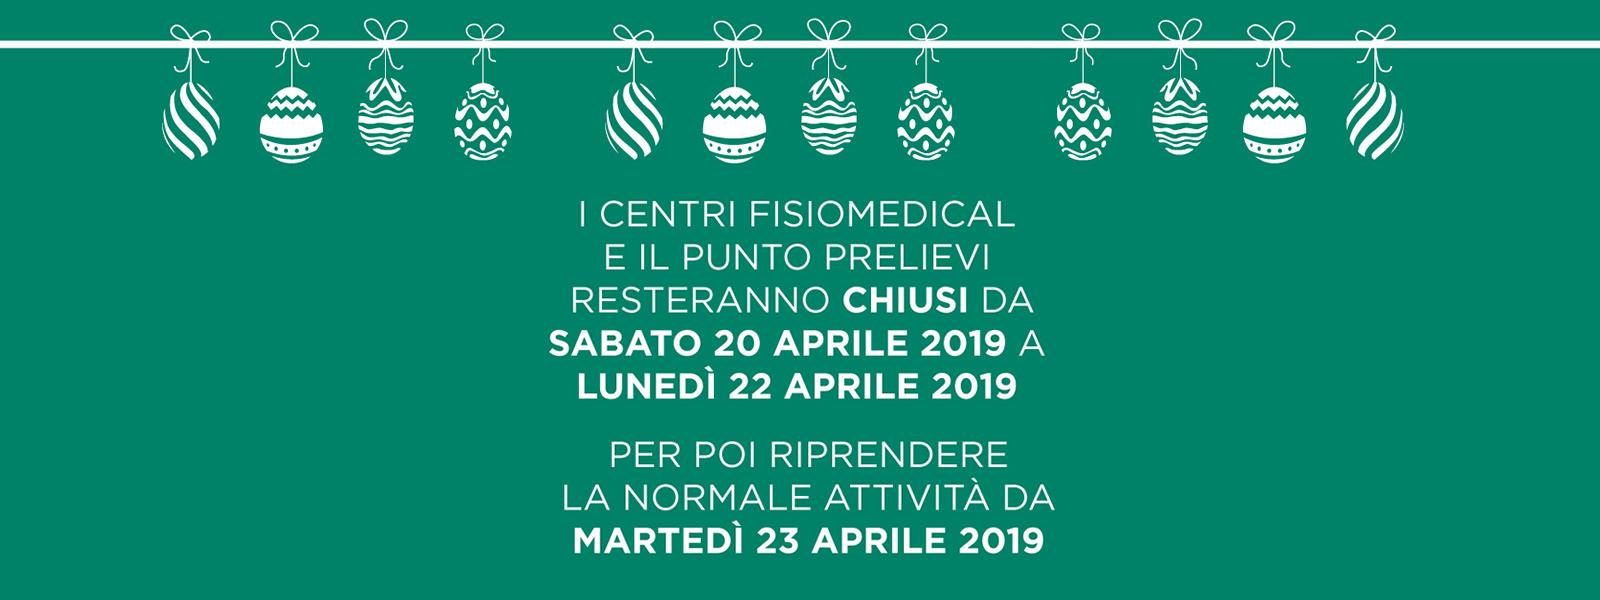 Fisiomedical - Giorni di Chiusura Pasqua 2019